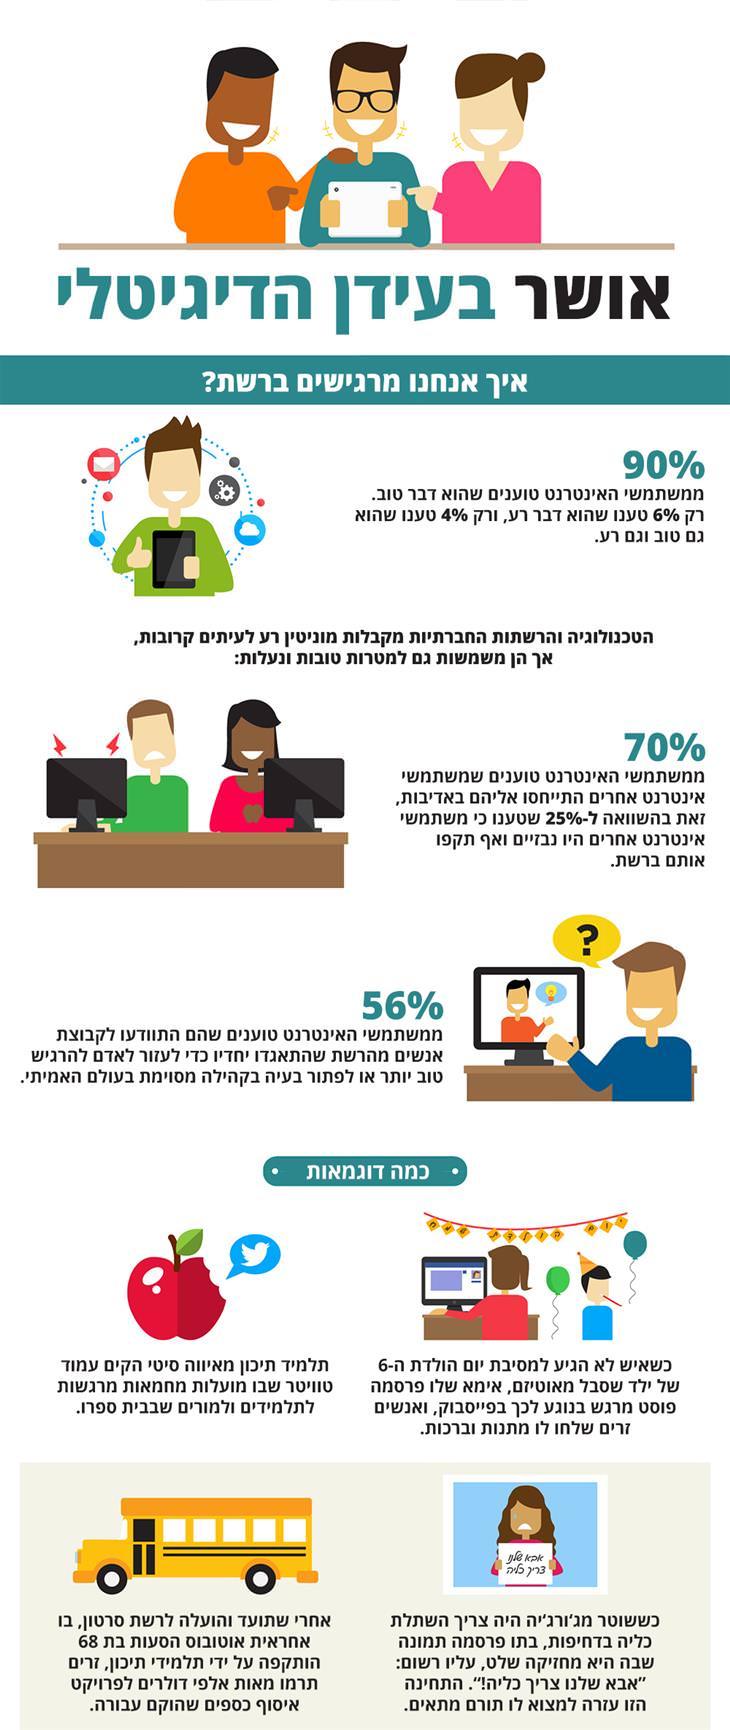 אושר בעידן המודרני: איך אנחנו מרגישים ברשת